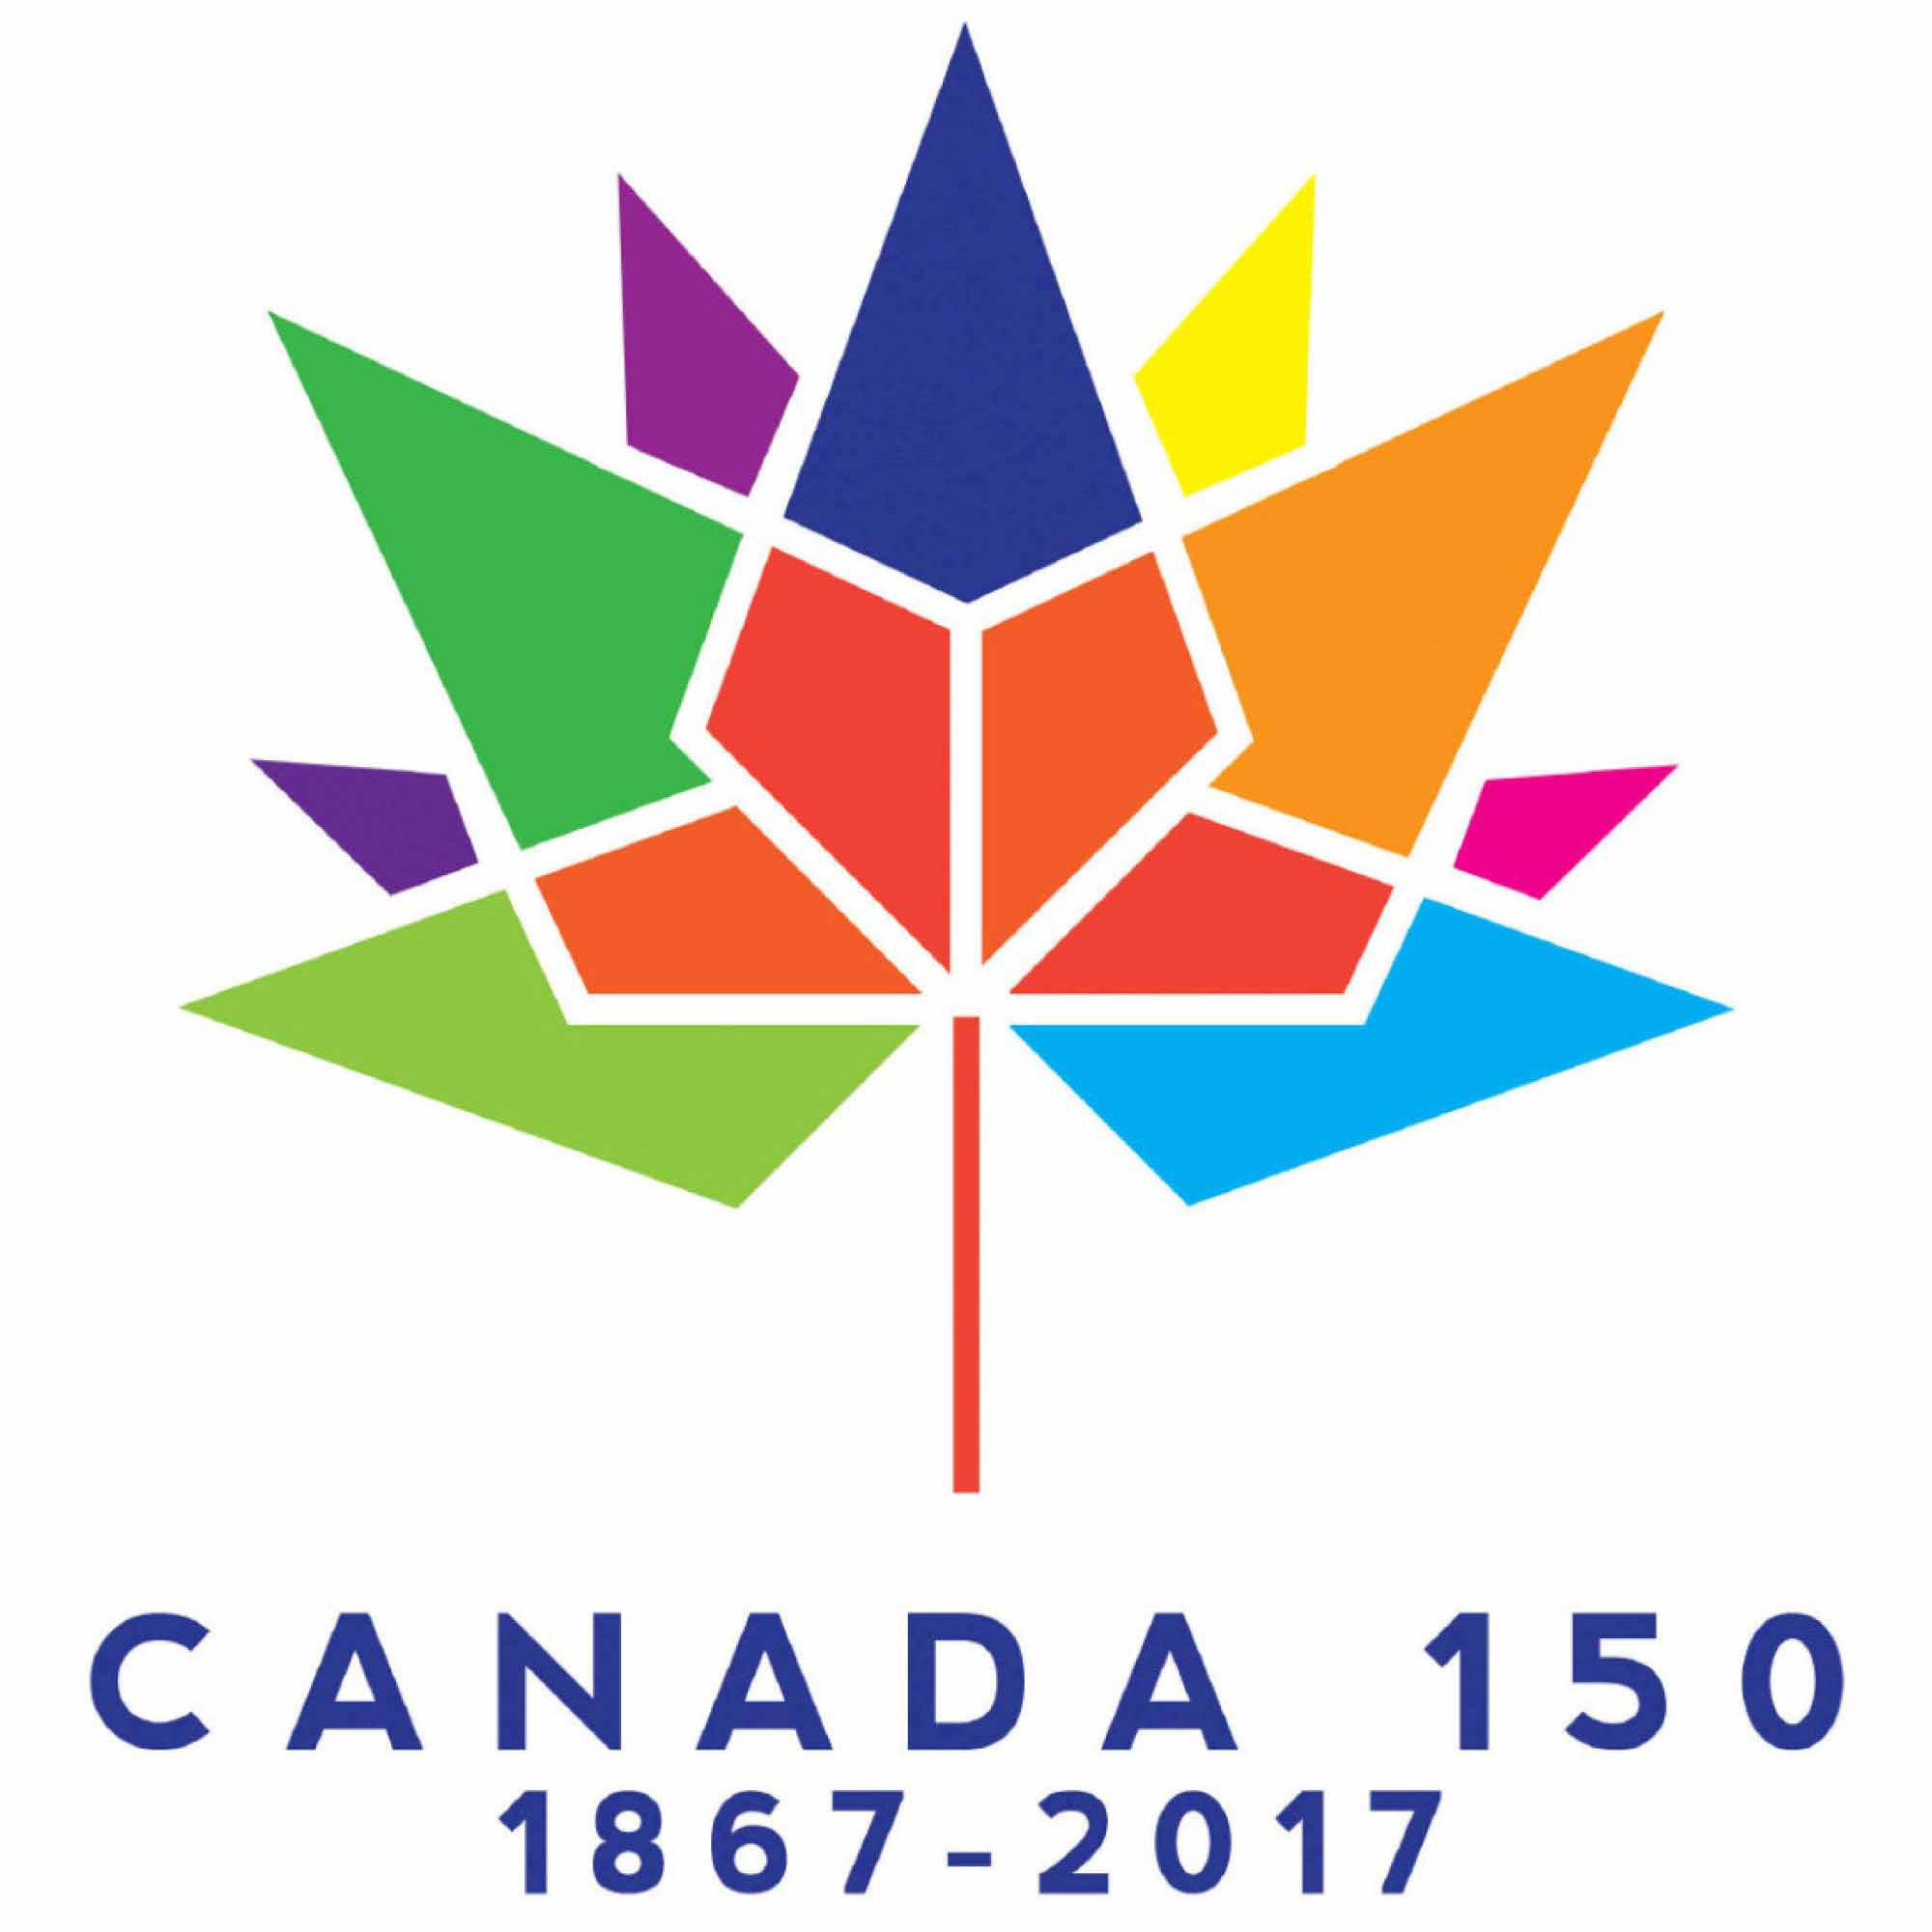 加拿大国庆周边什么都敢卖,棺材板等千种商品国庆全新设计